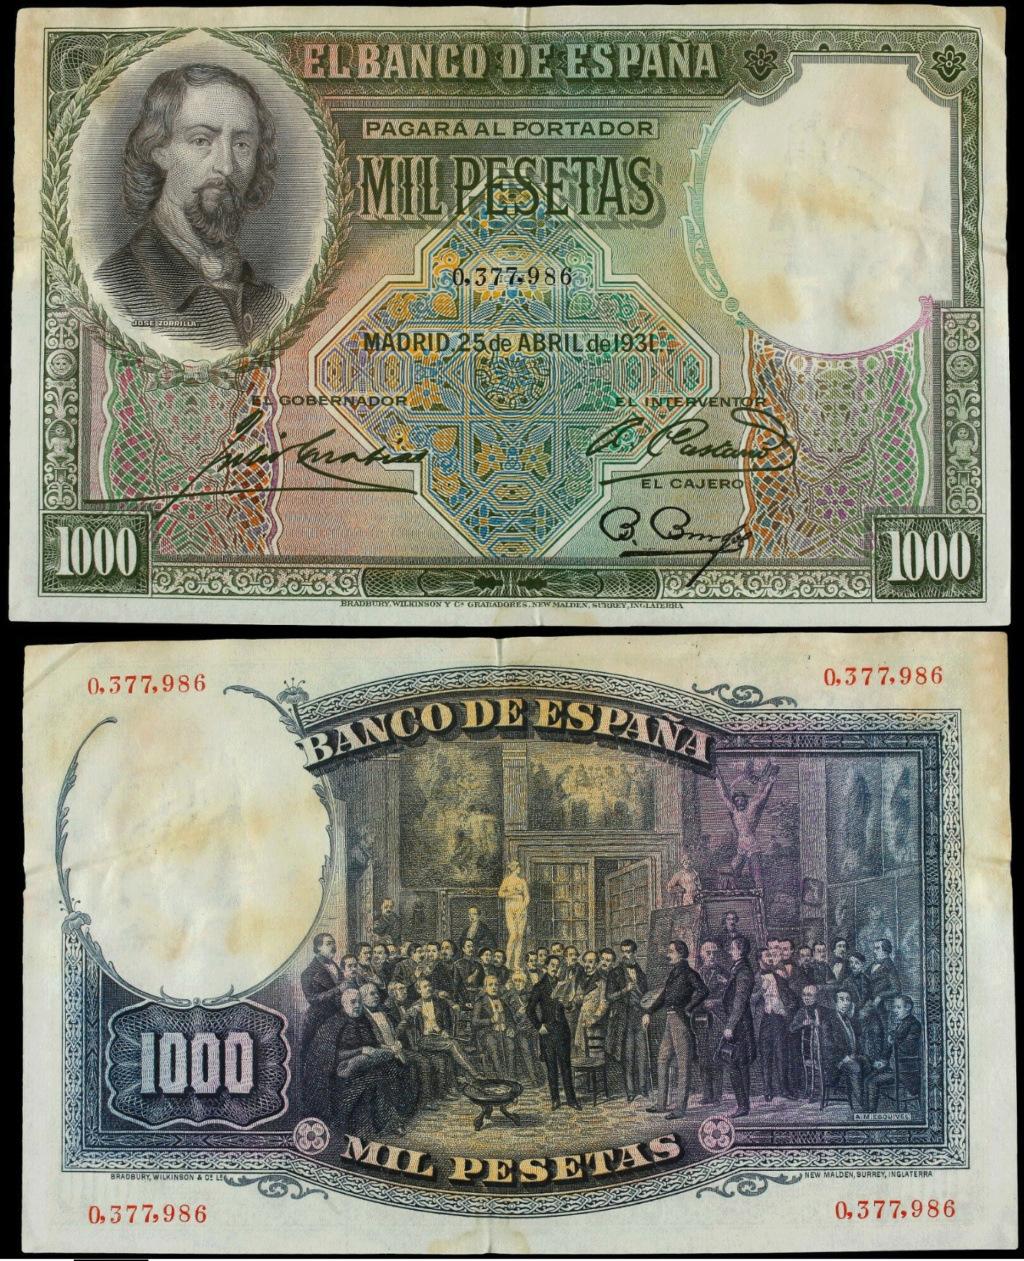 GRANDES MISTERIOS (I) - Tacos existentes 1000 pesetas 1931 Zorrilla - Página 7 Otro_p10